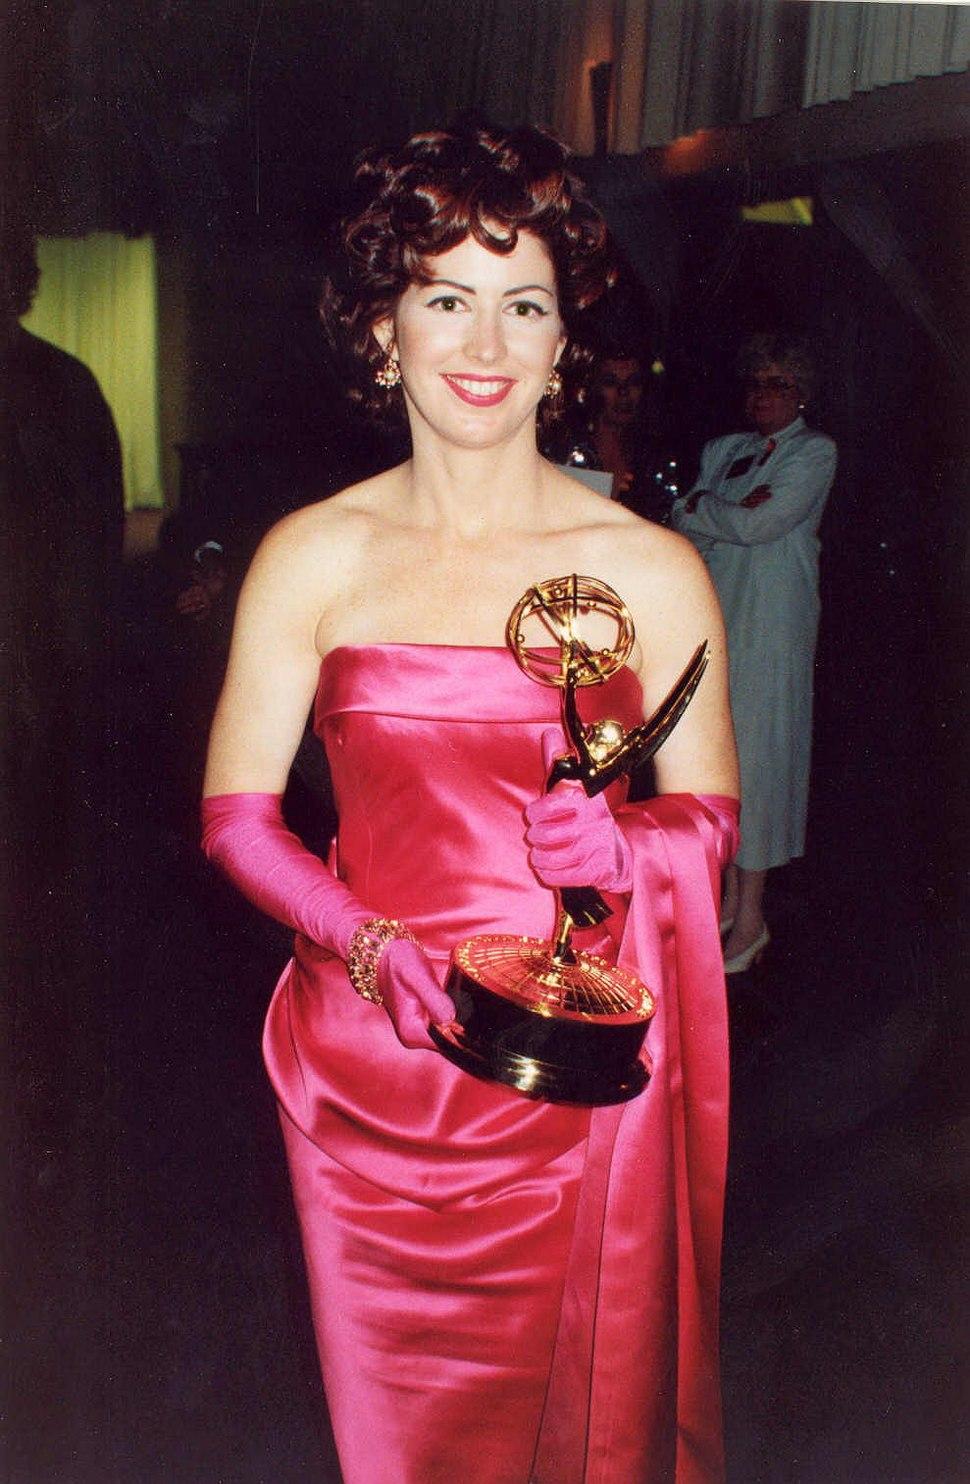 Dana Delany 1992 Emmys retouch